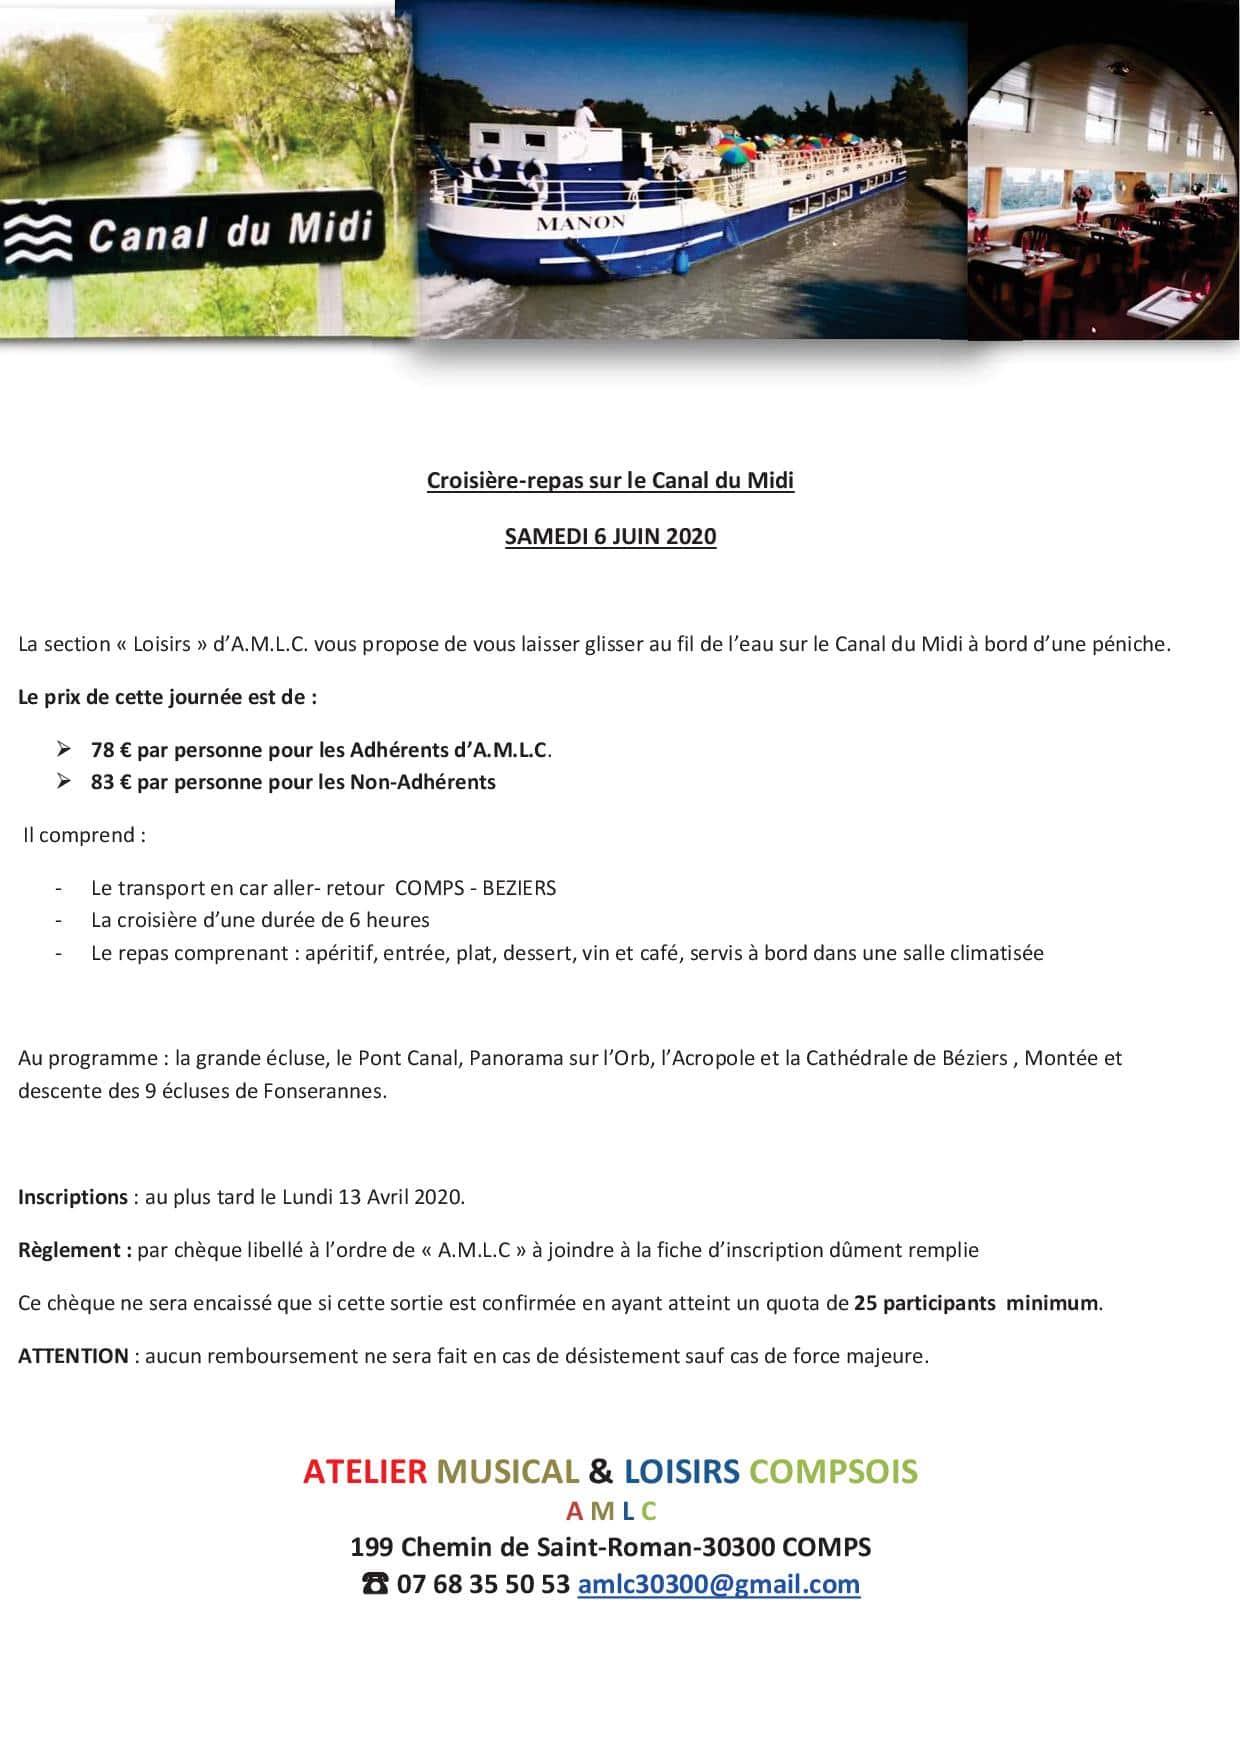 ANNULE - Croisière-repas sur le Canal du Midi